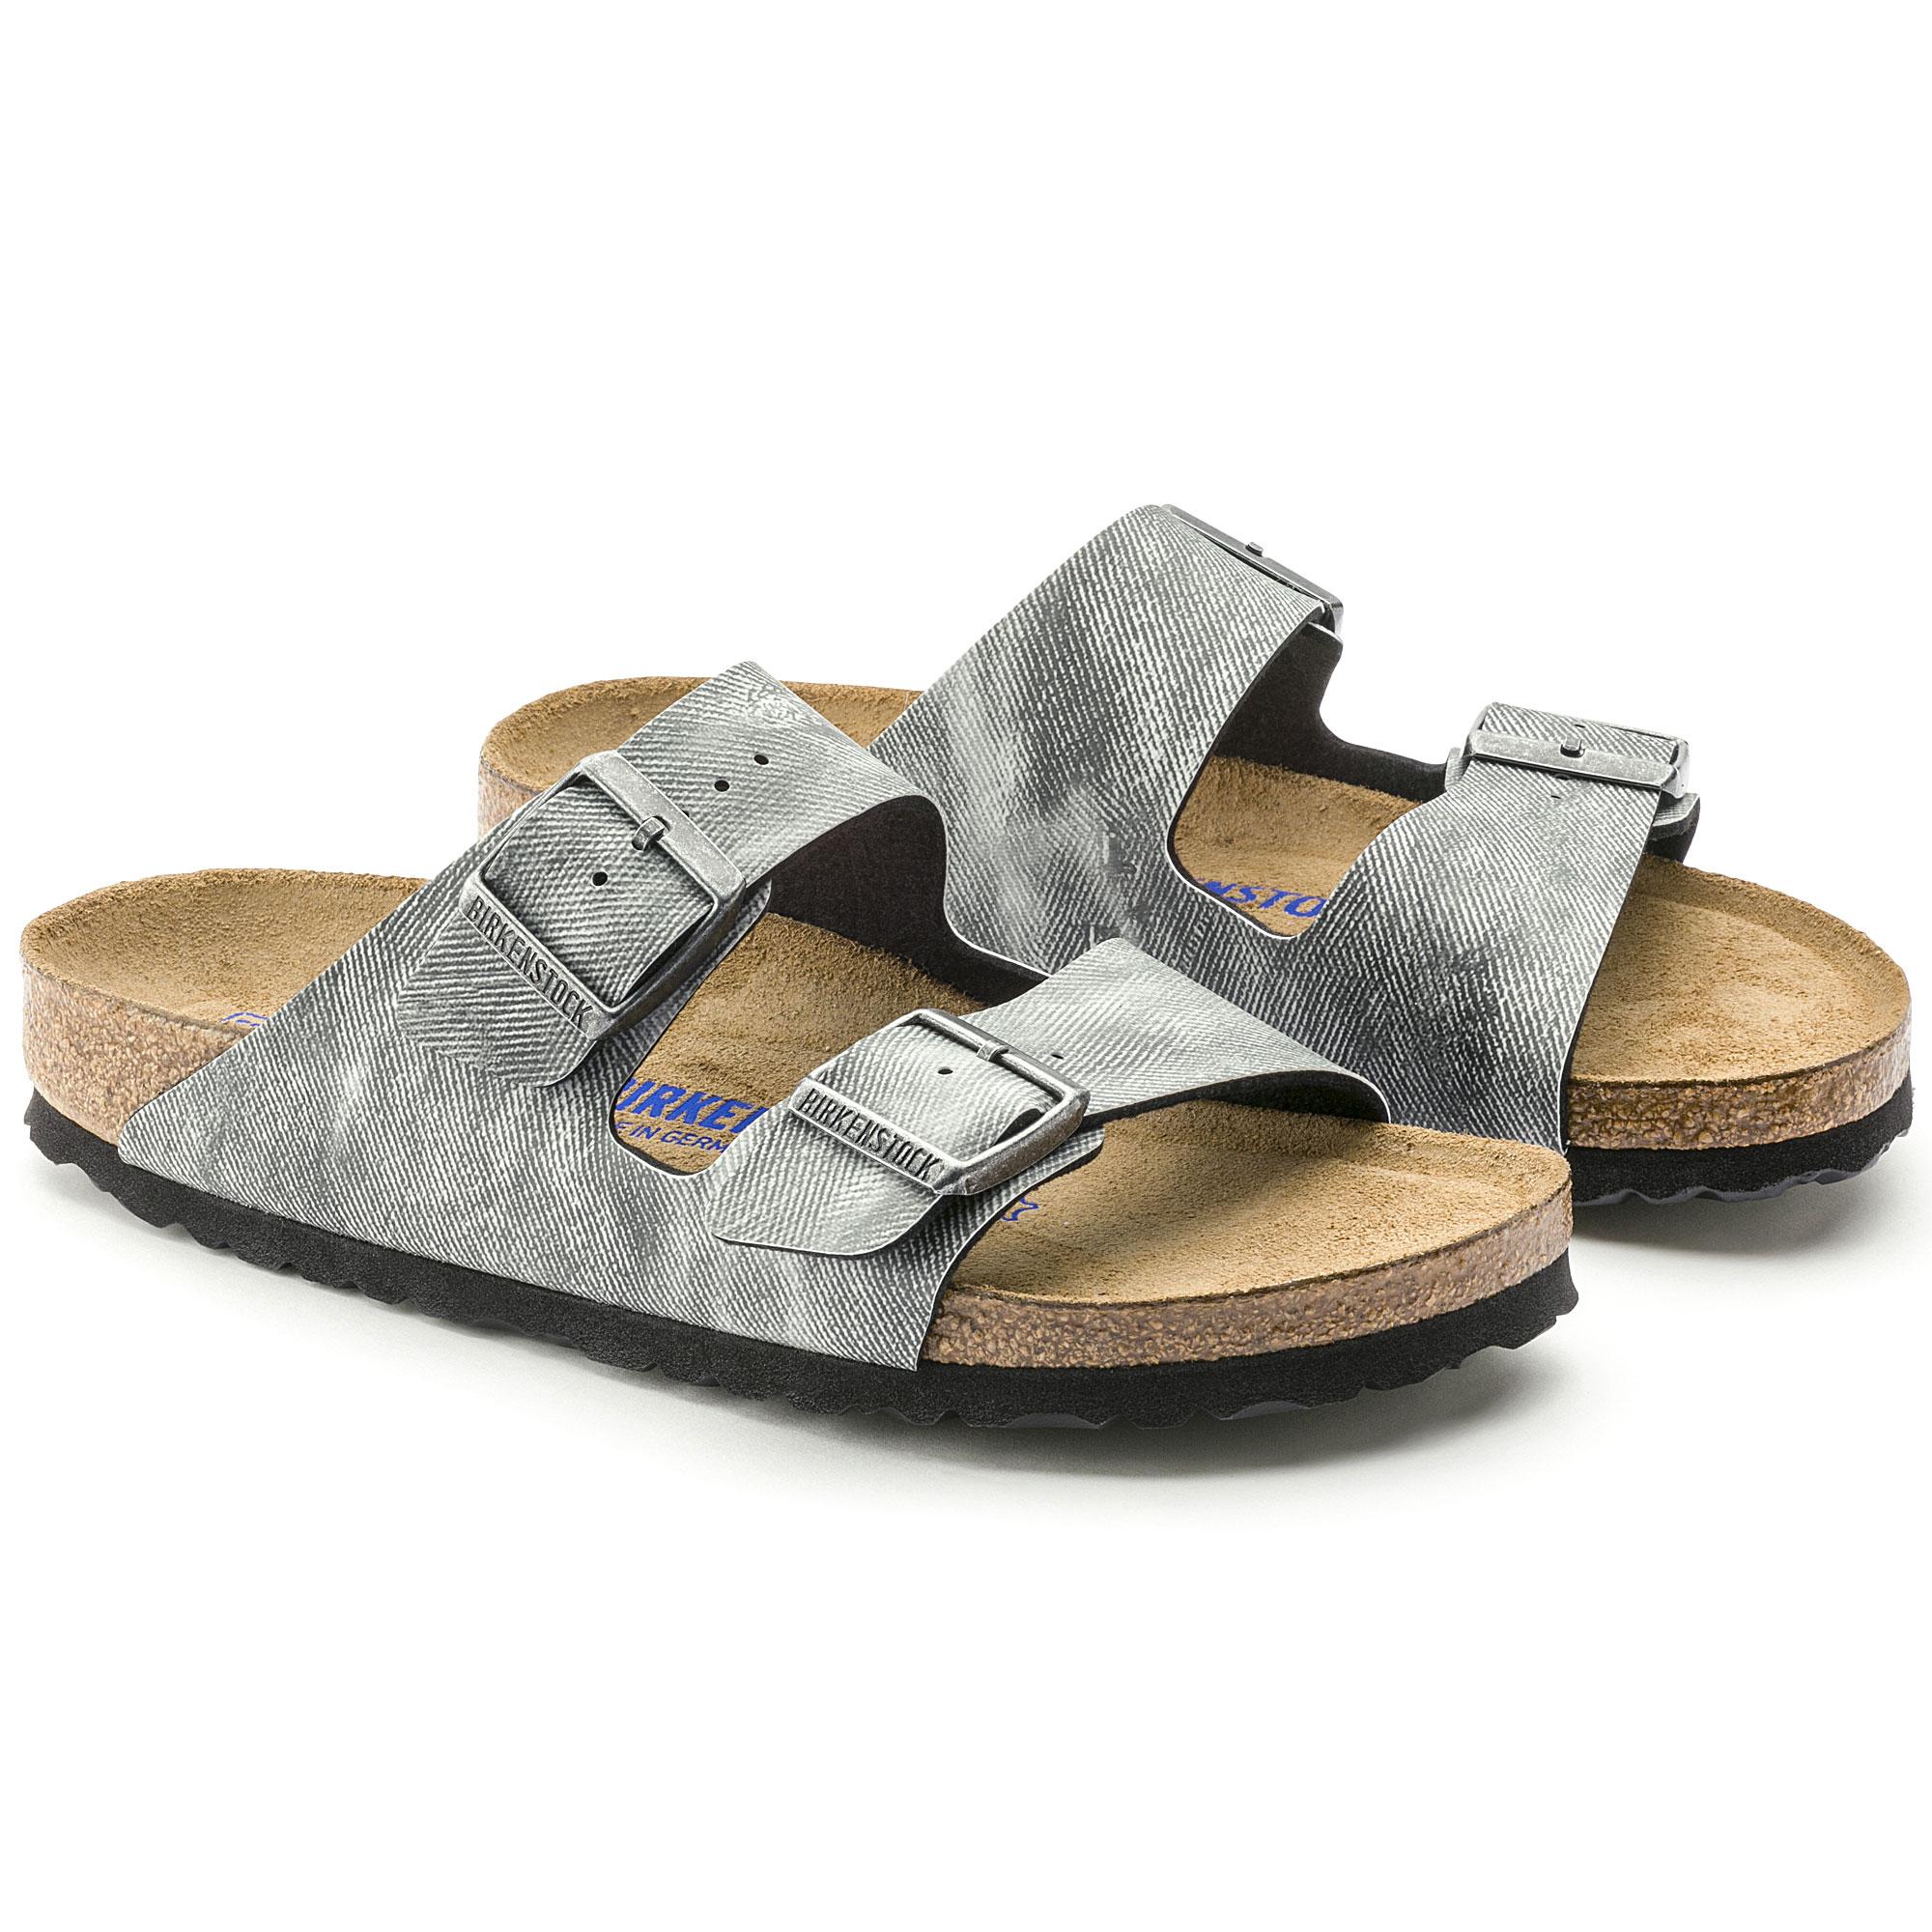 Arizona Birko-Flor Jeans Washed Out